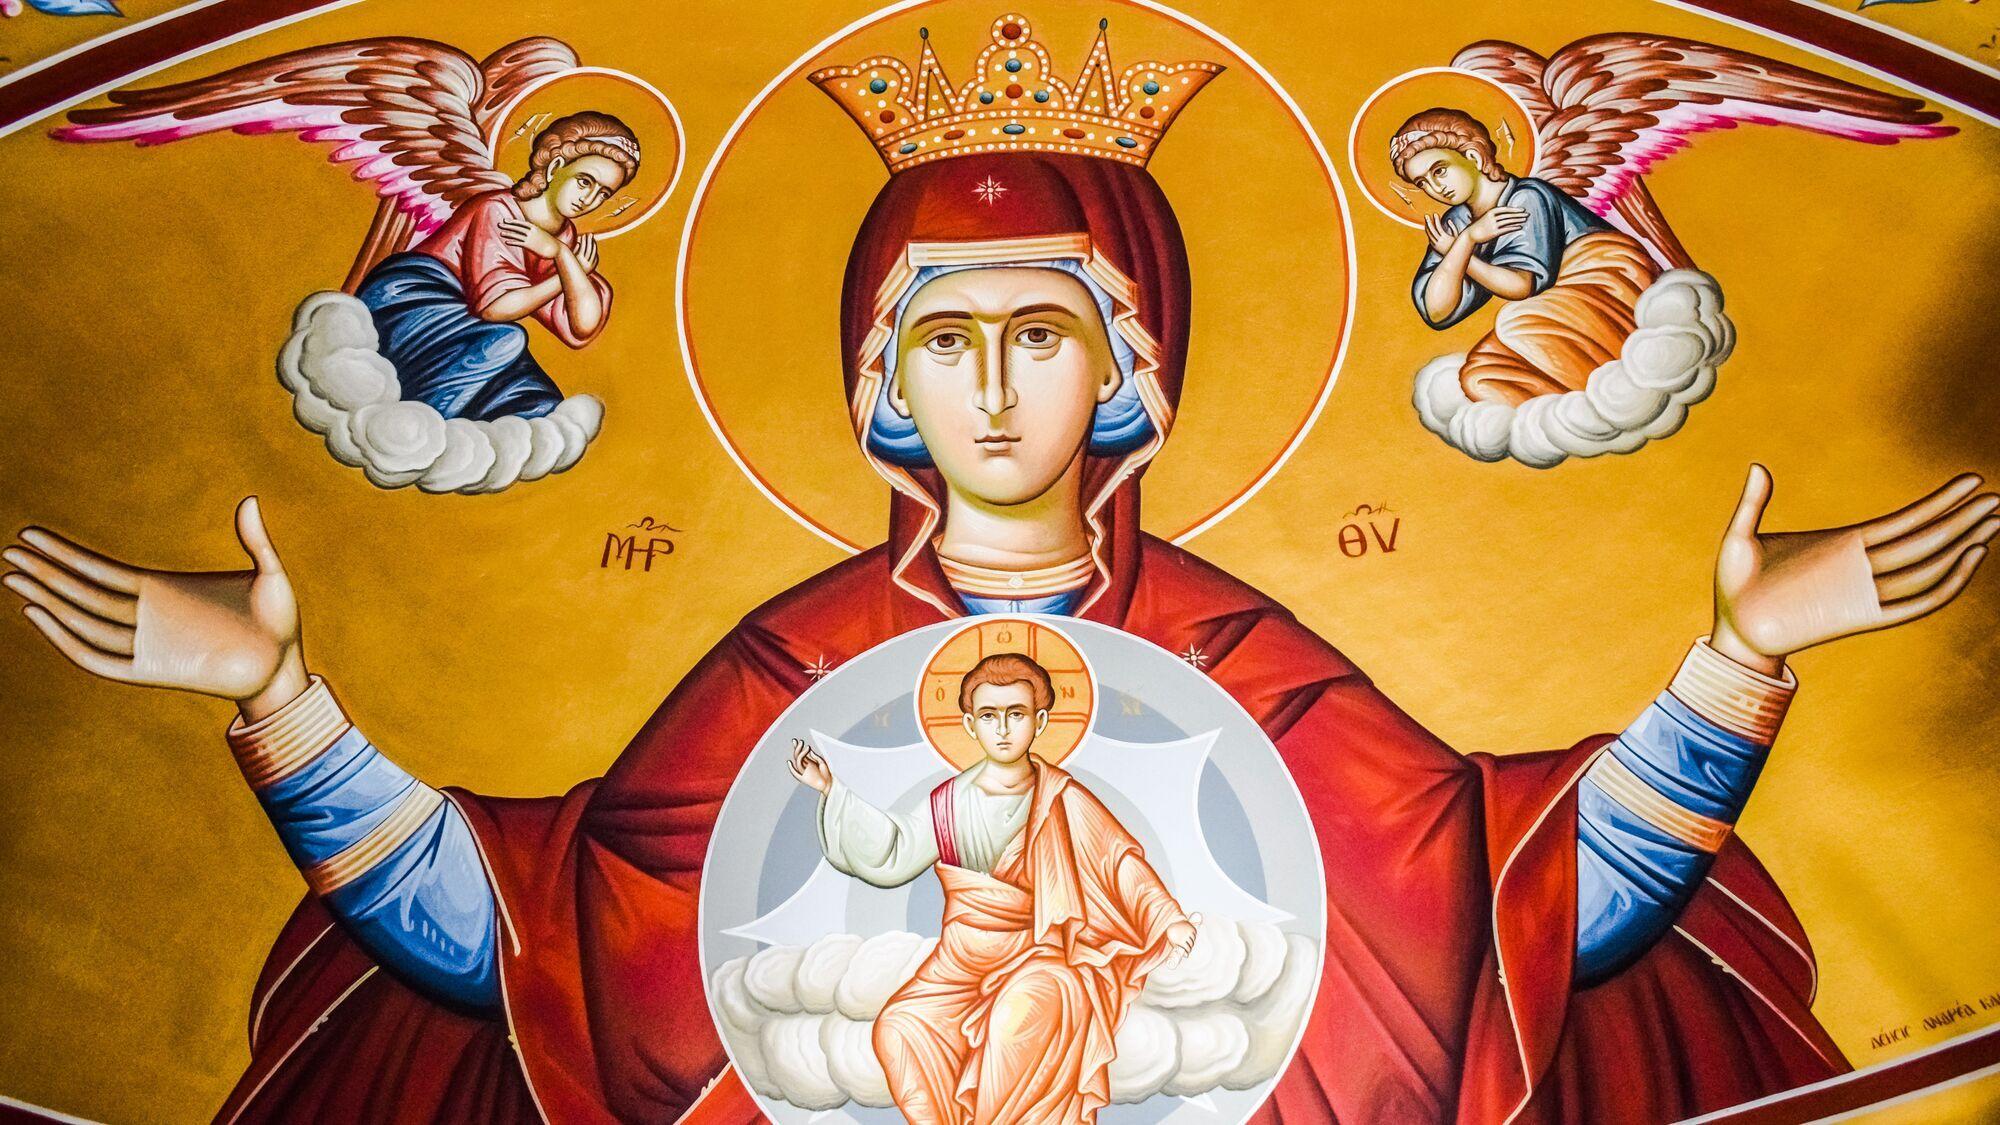 Серце Христа символізує любов Бога до людей